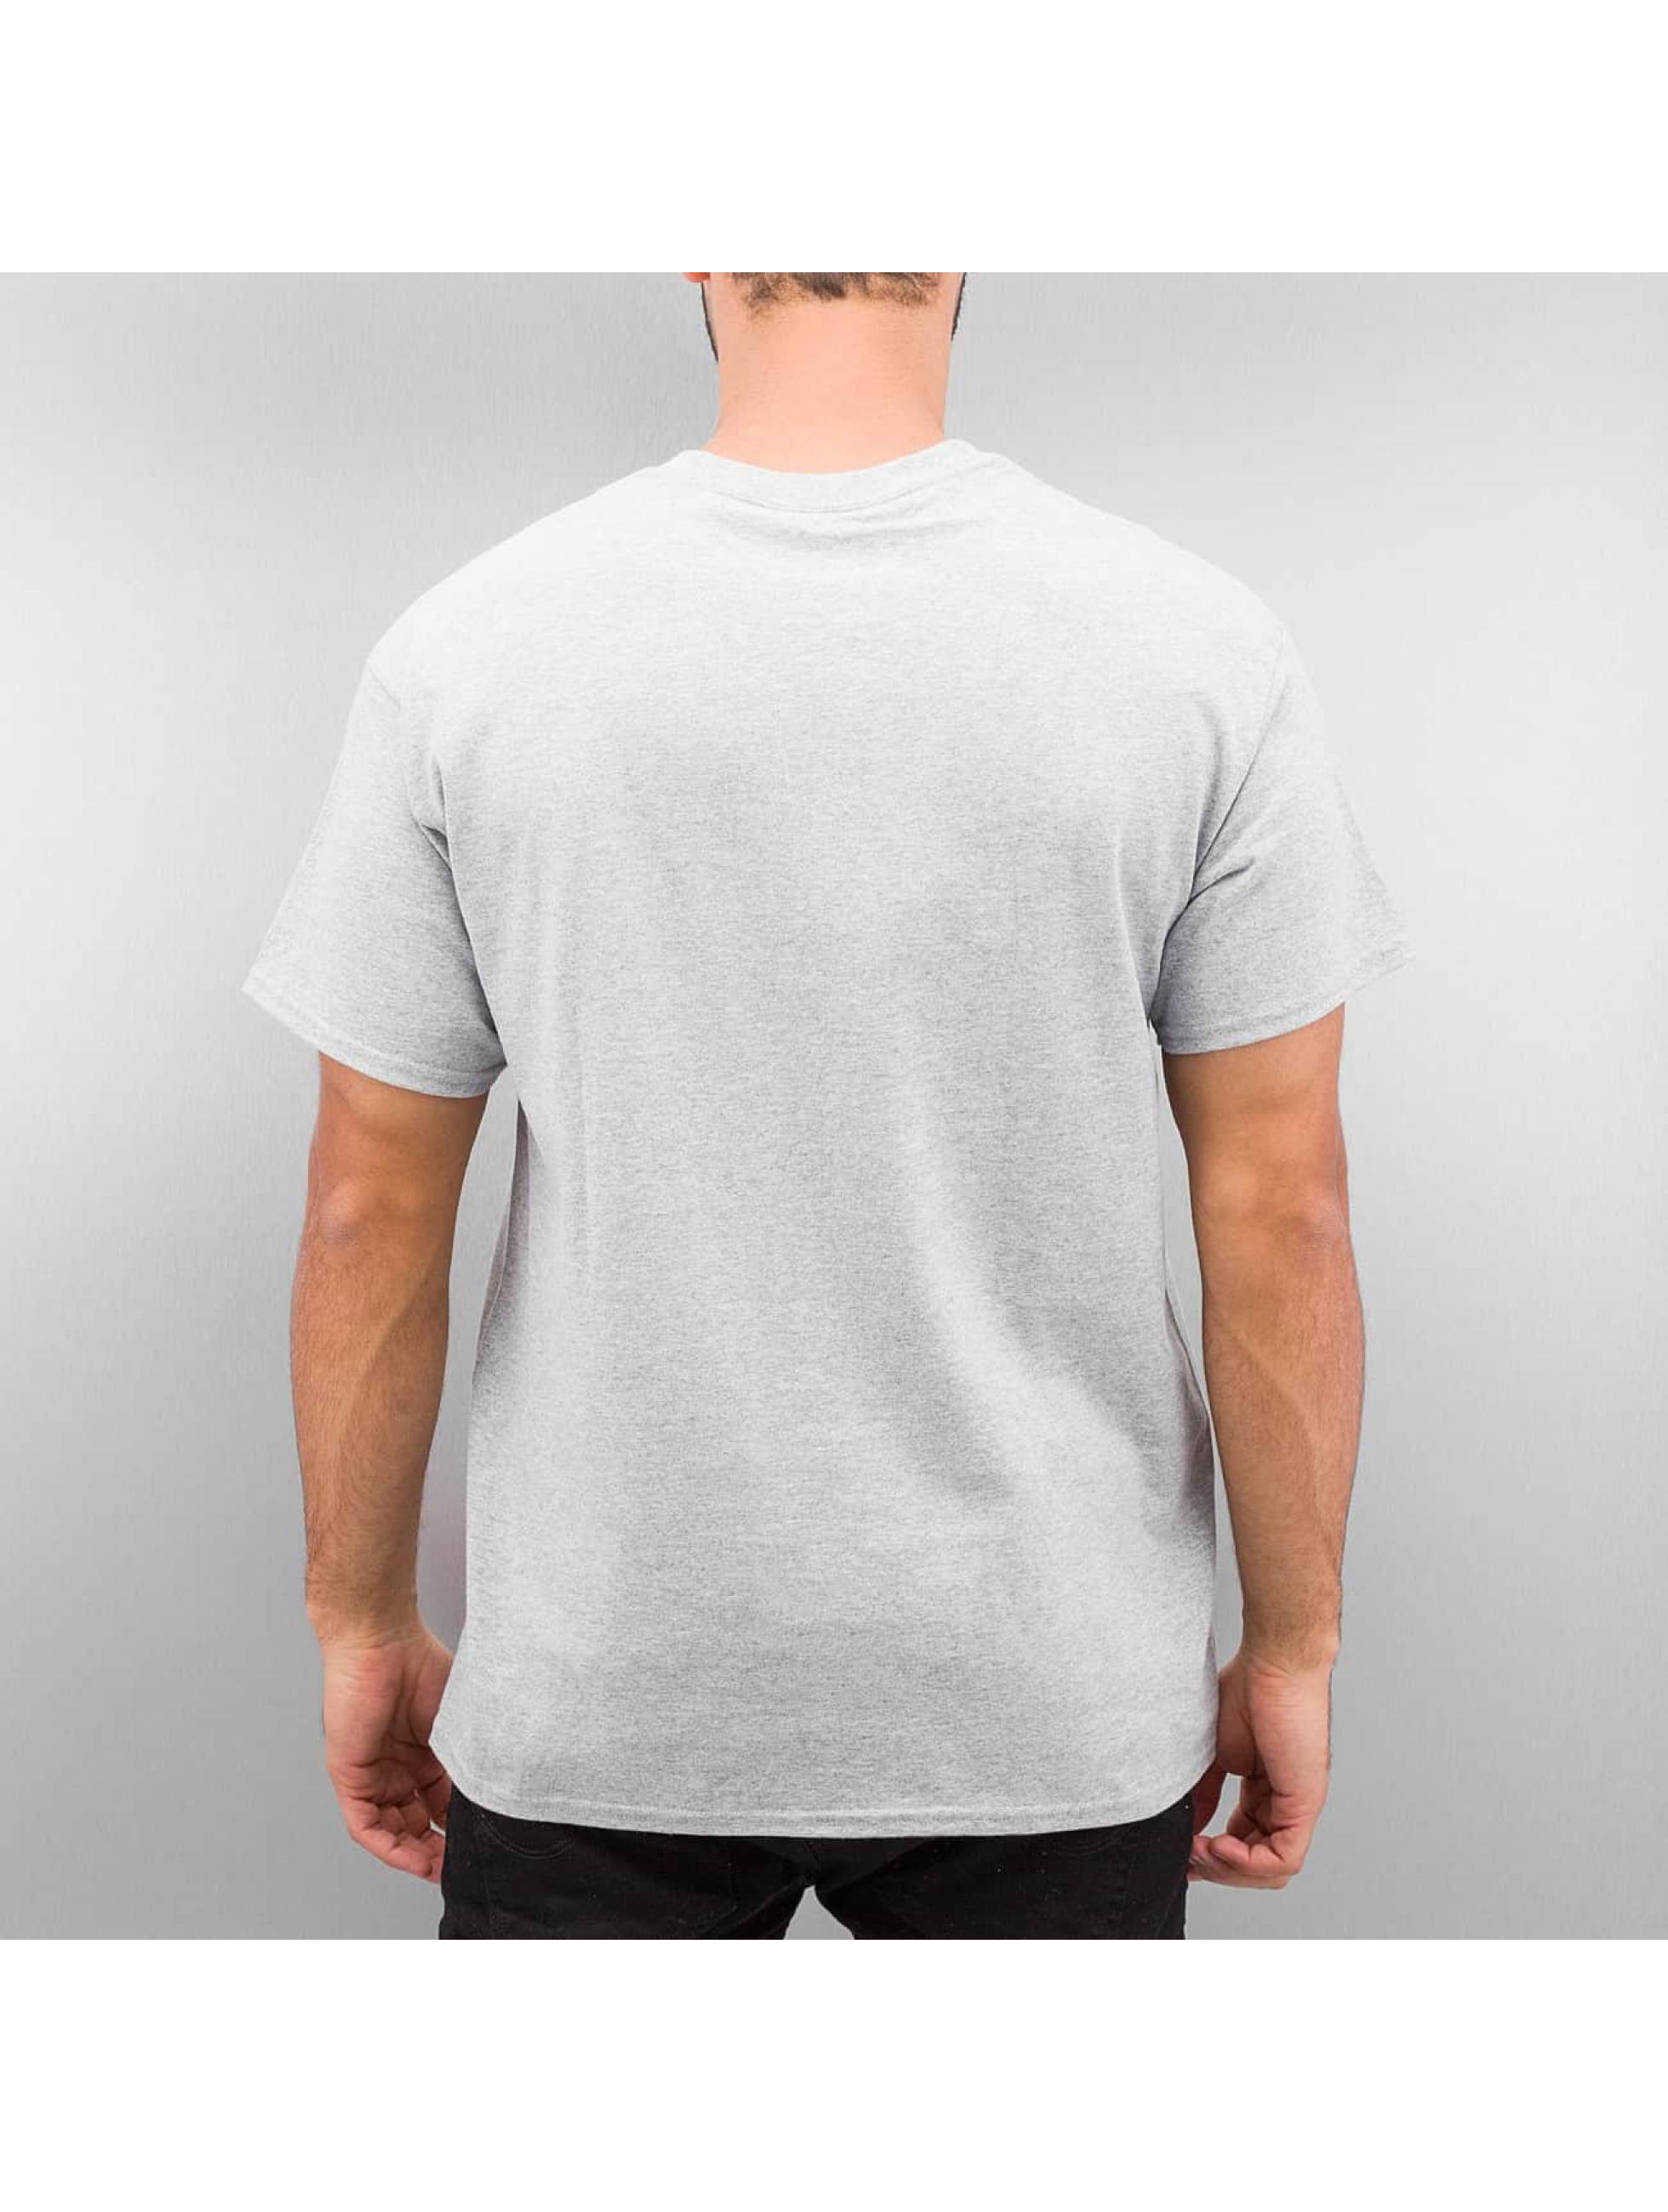 Joker T-Shirt Clown Brand grey